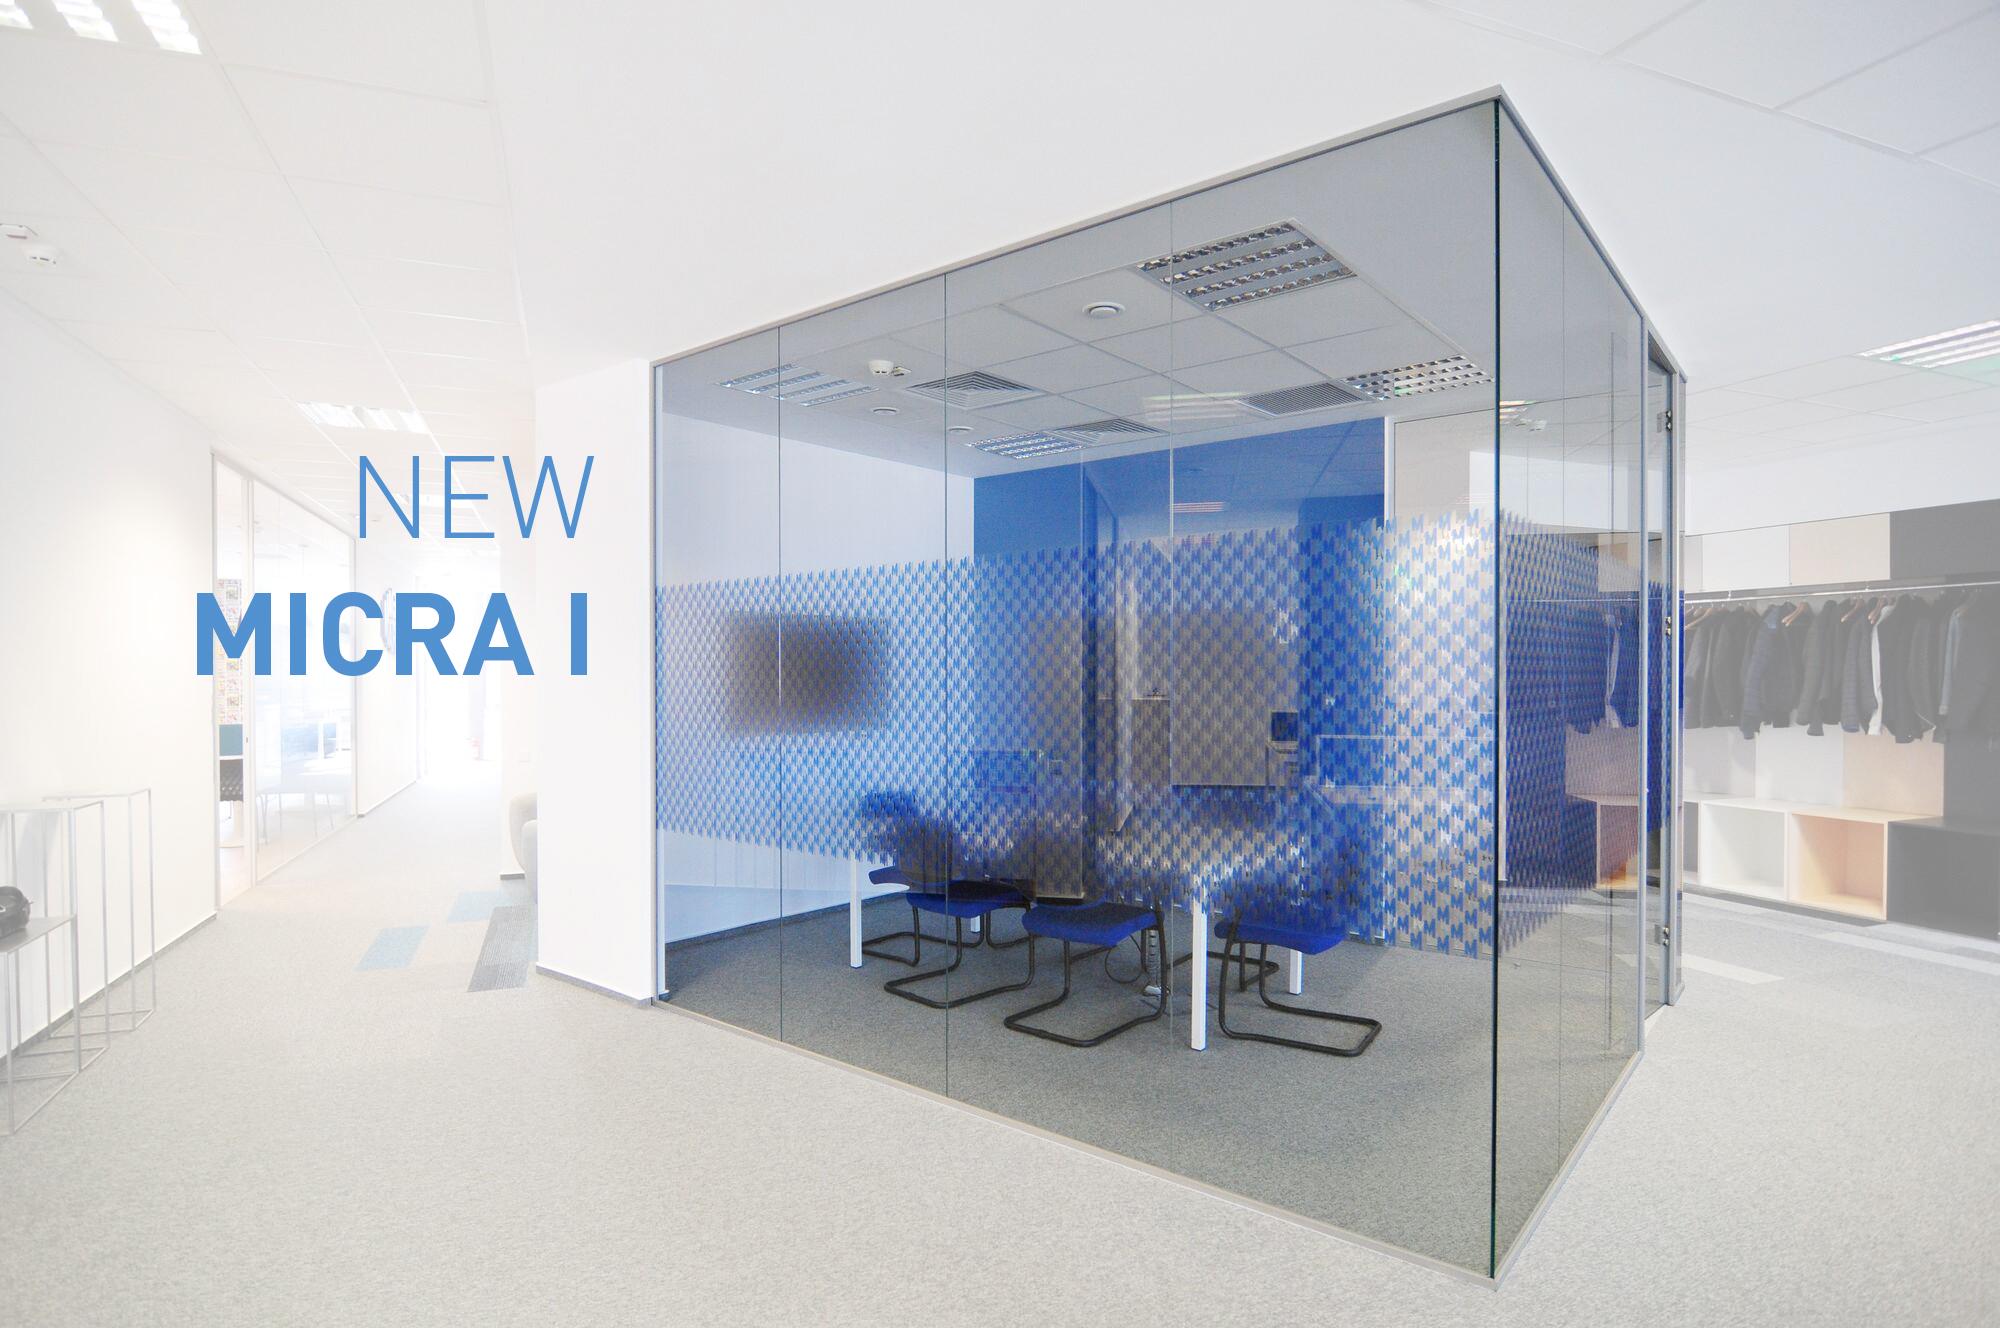 MICRA I-Trennwände: Schmalste Ausführung und beste akustische Eigenschaften